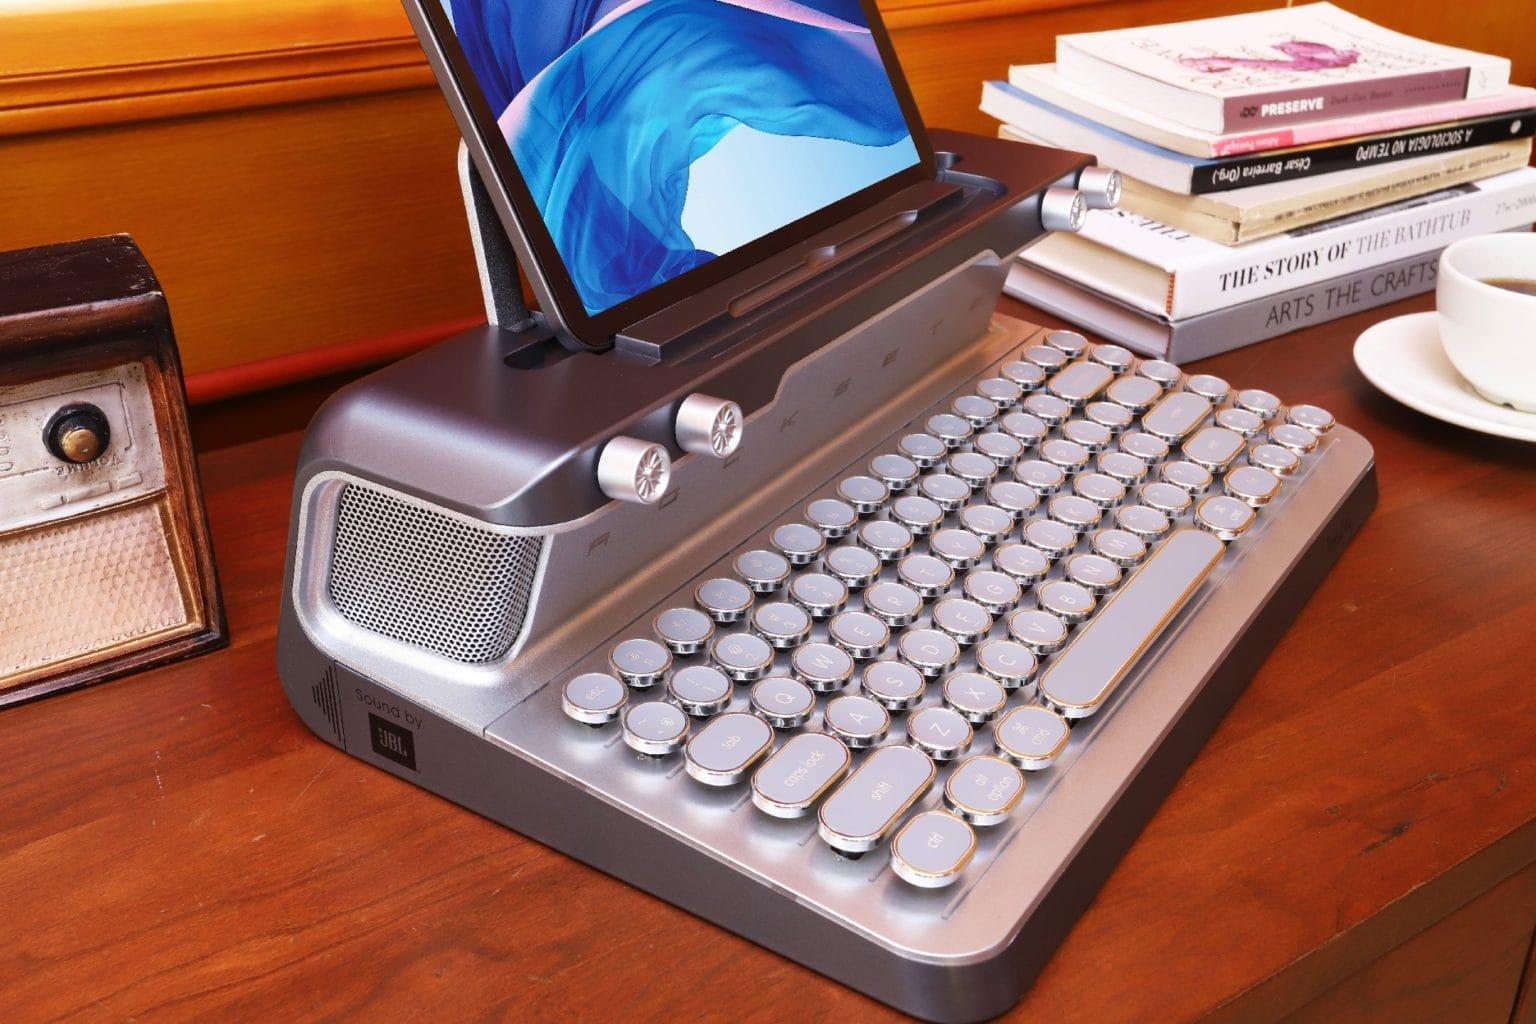 KnewKey keyboard